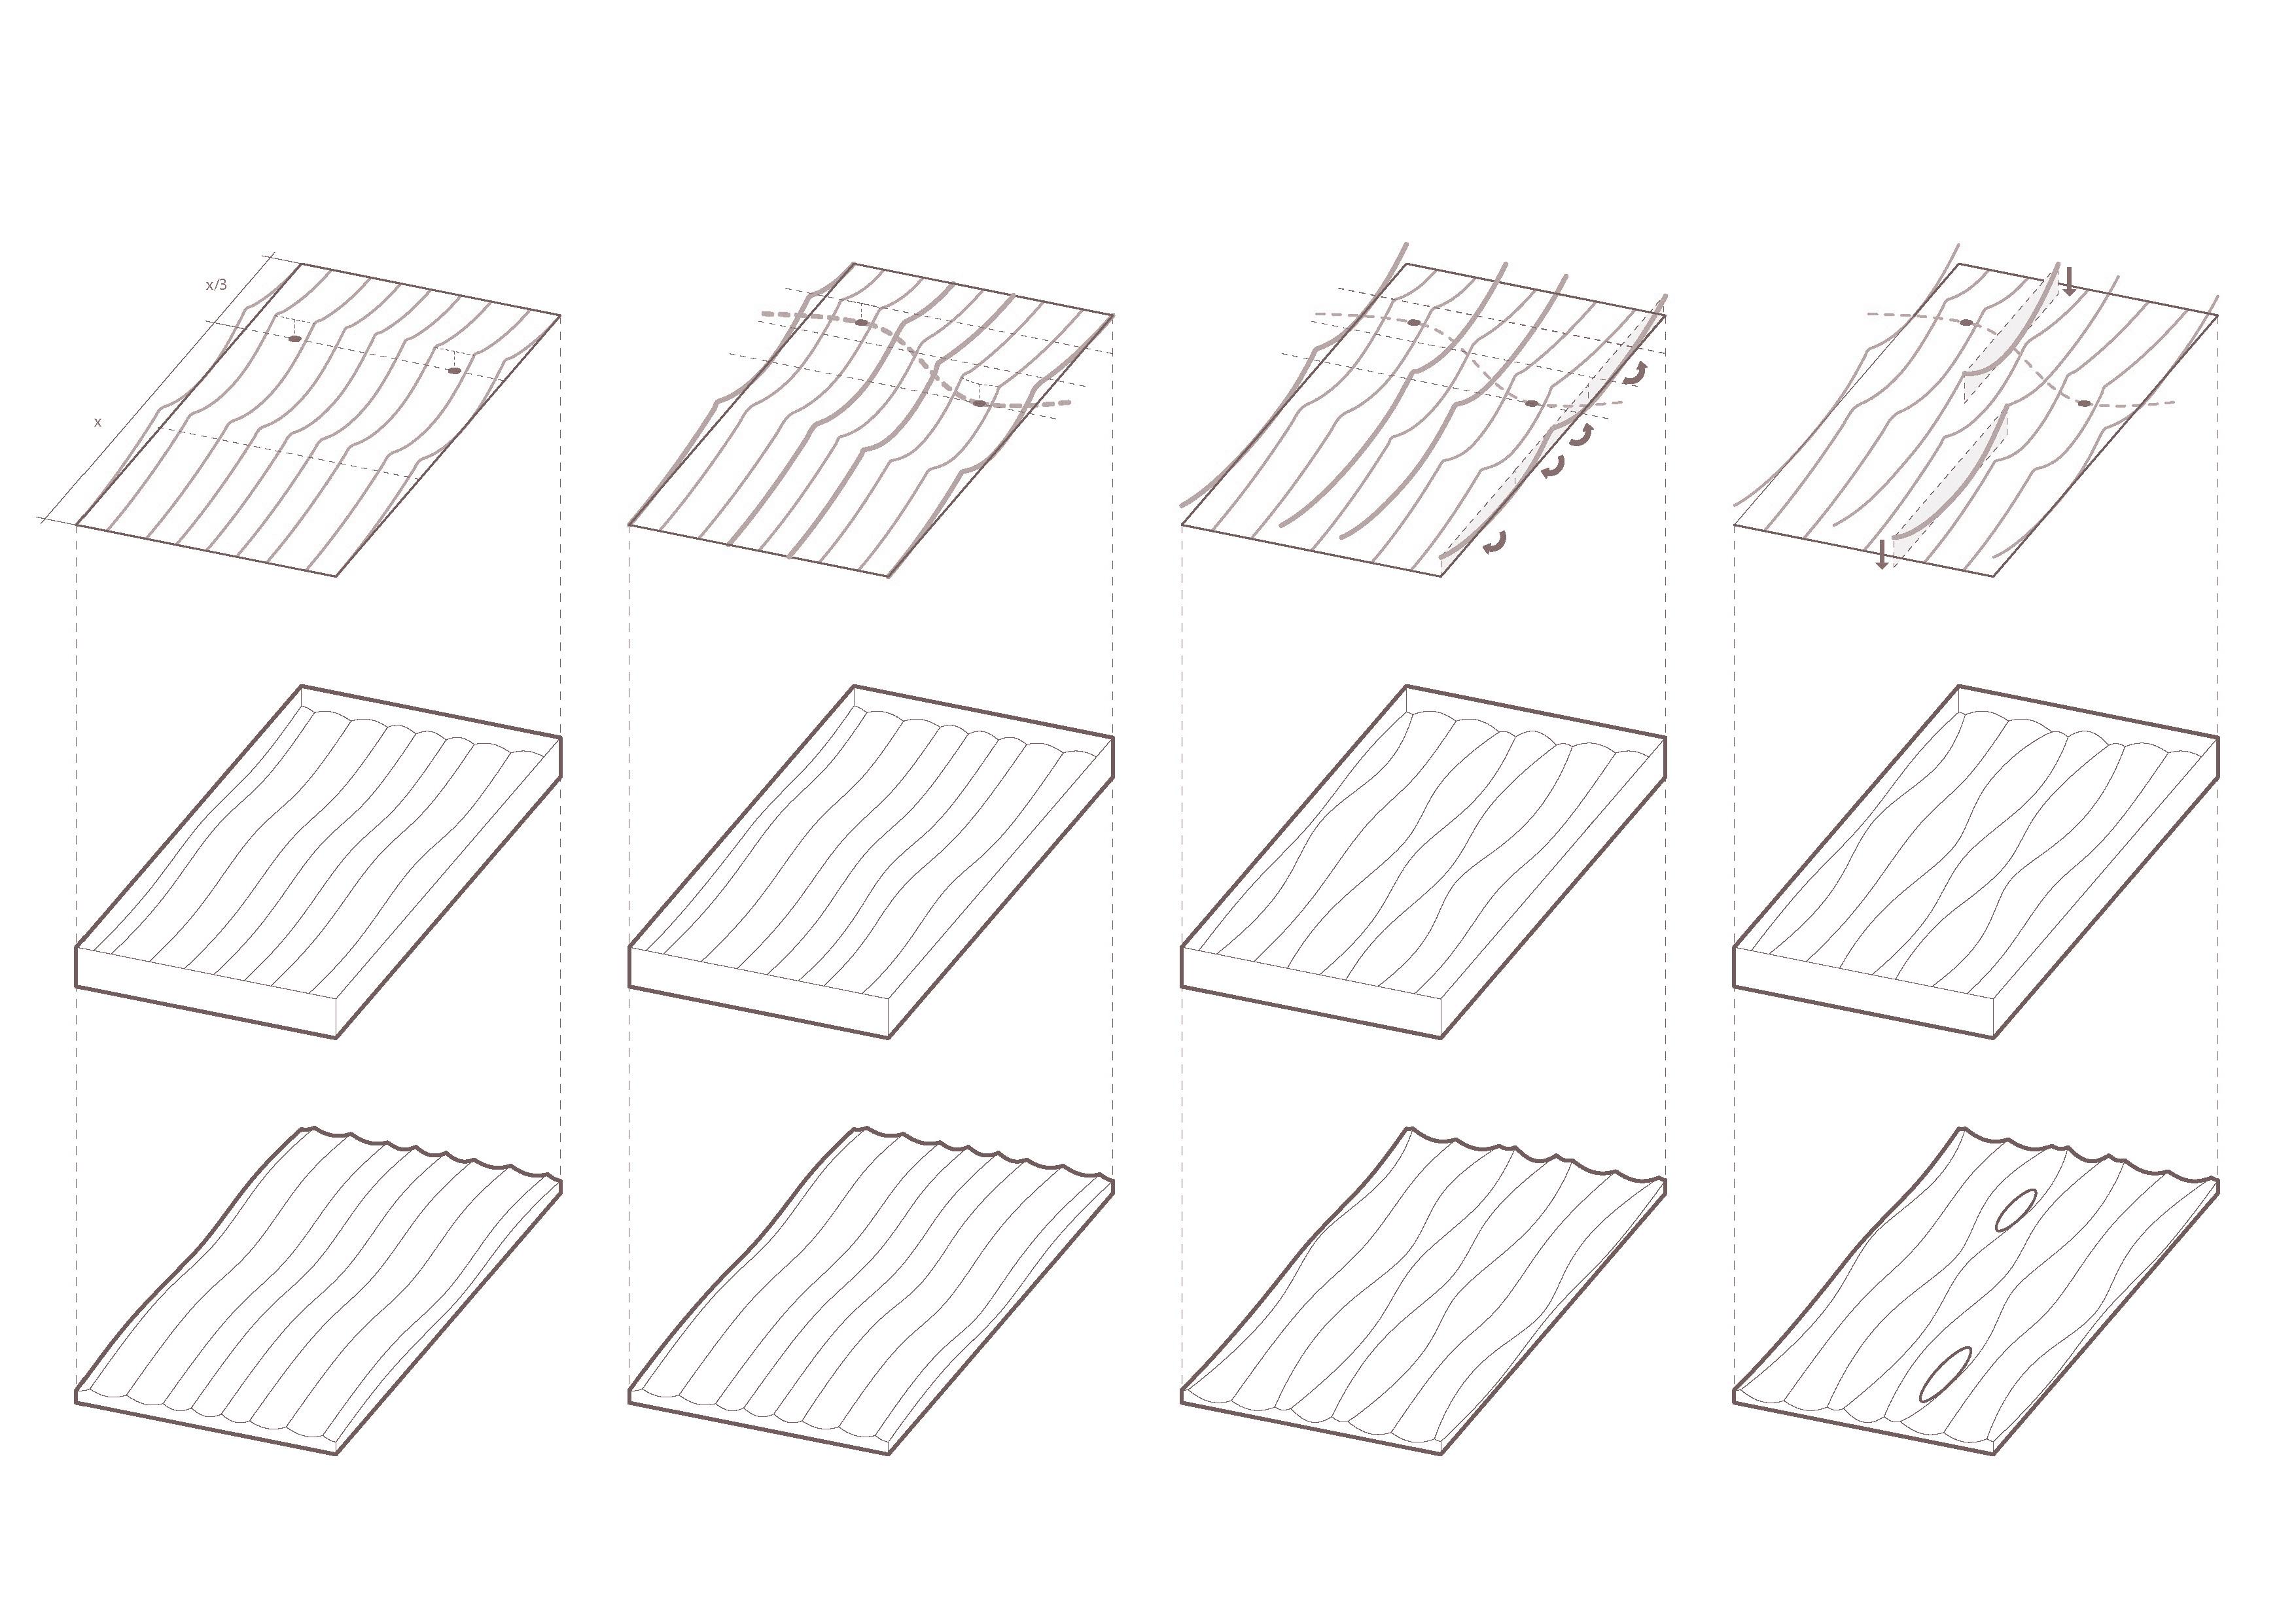 diagrams_Page_05